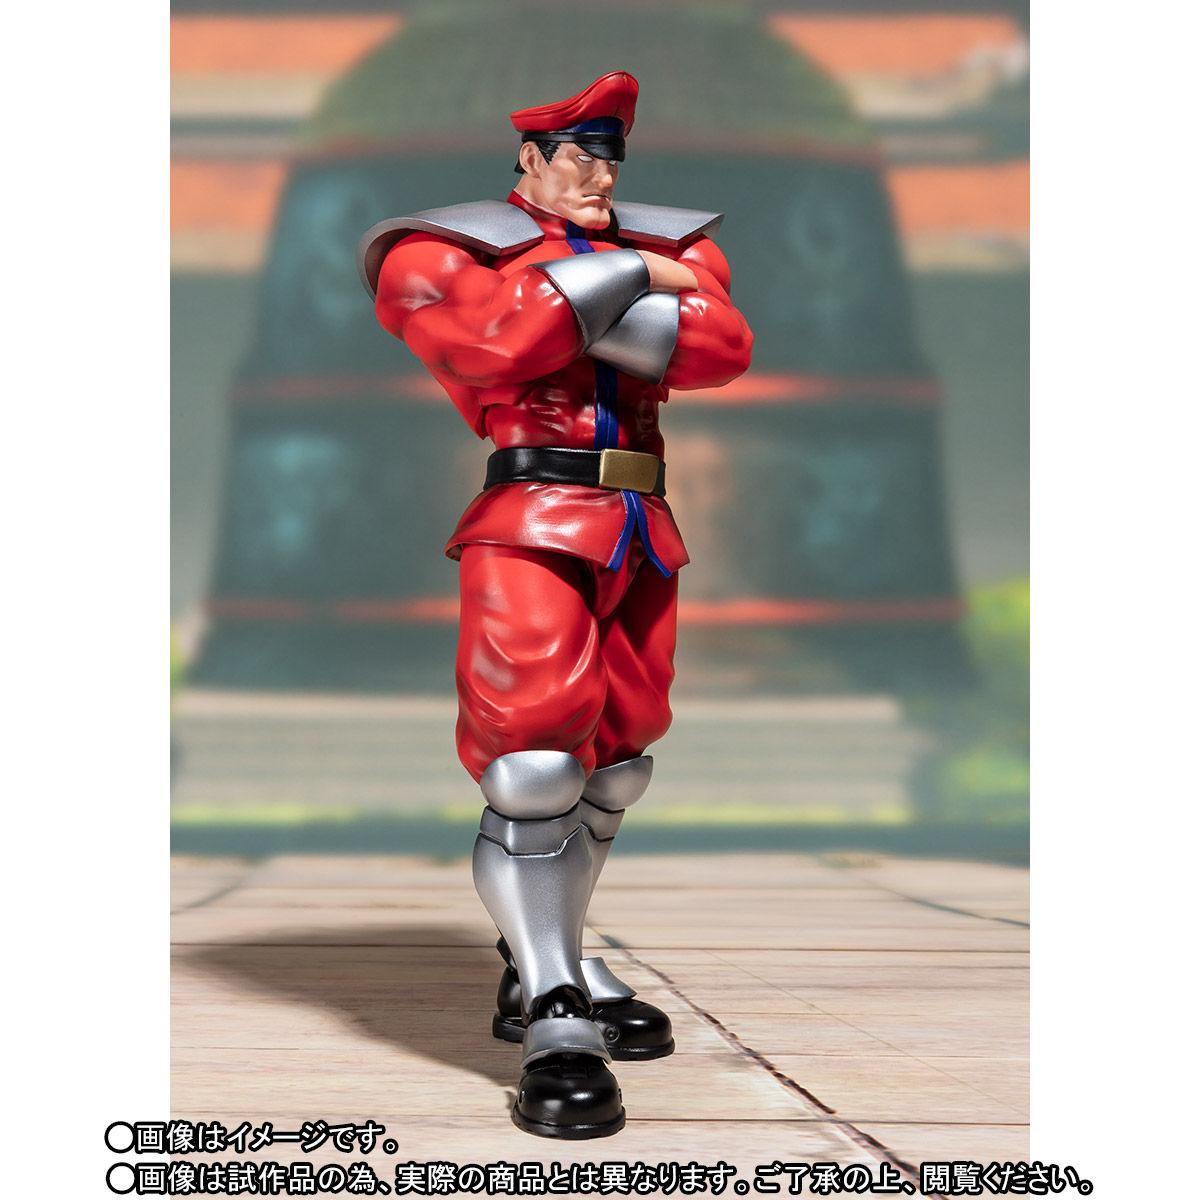 【限定販売】S.H.Figuarts『ベガ』ストリートファイターII 可動フィギュア-006